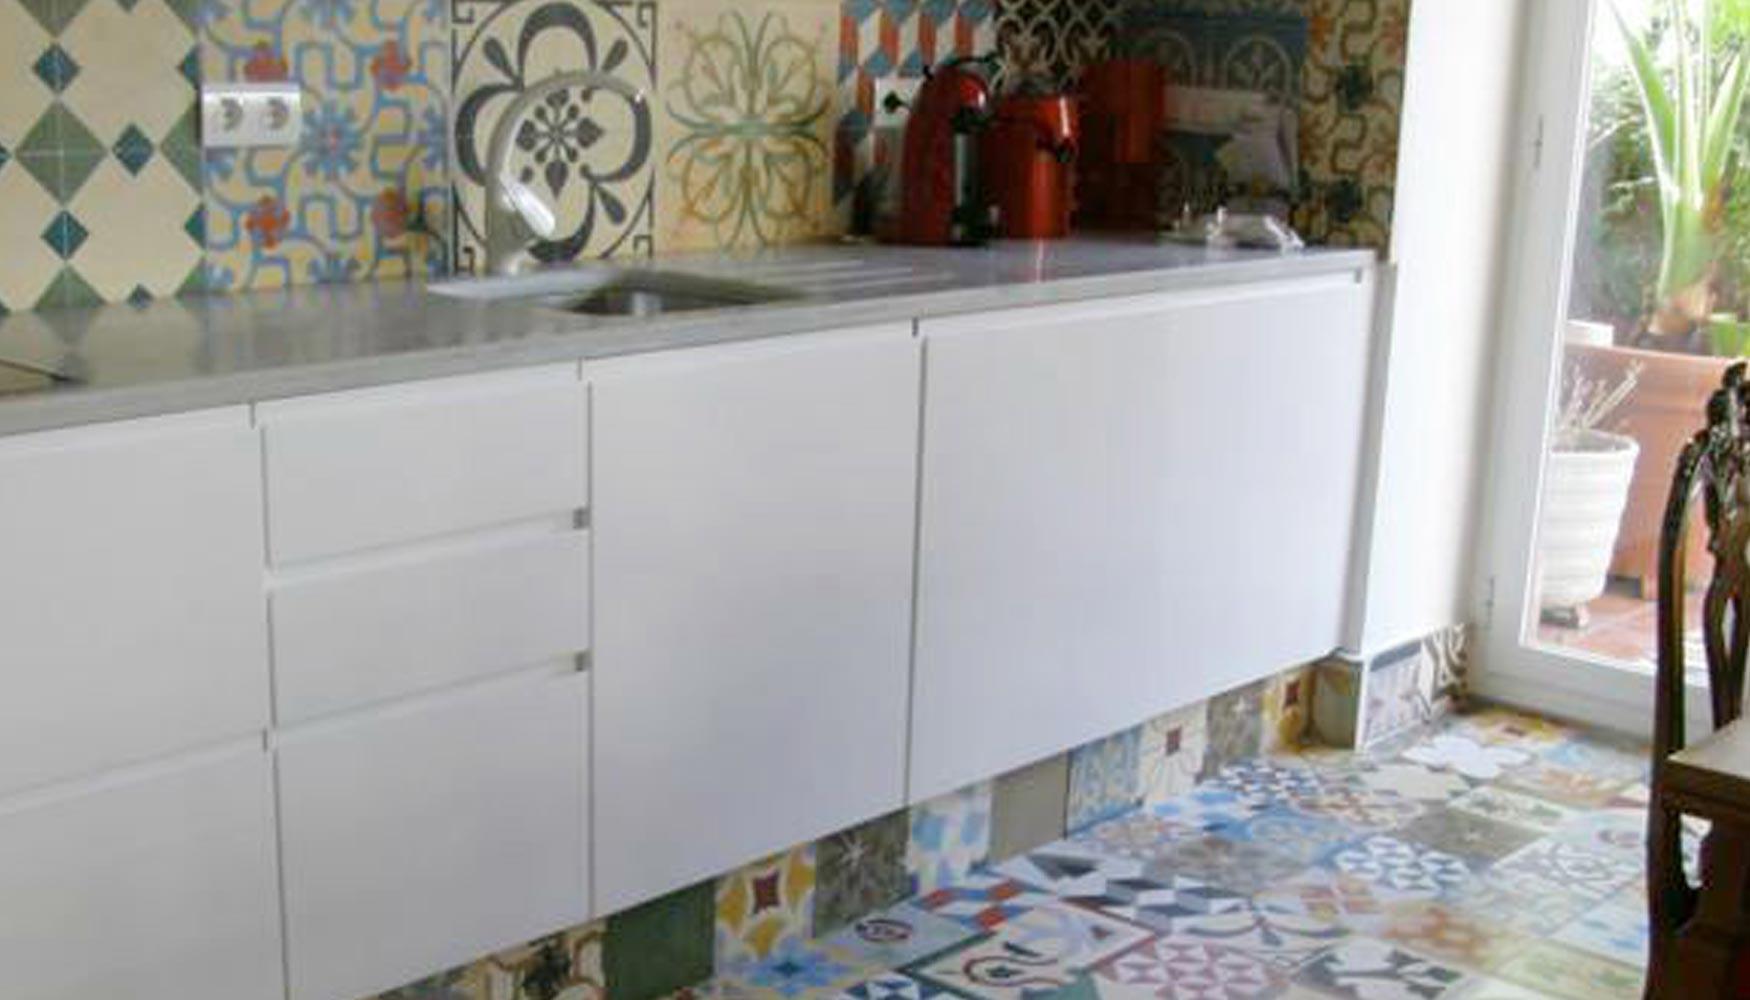 Patchwork de baldosas hidr ulicas decoraci n e interiorismo - Baldosa hidraulica barcelona ...